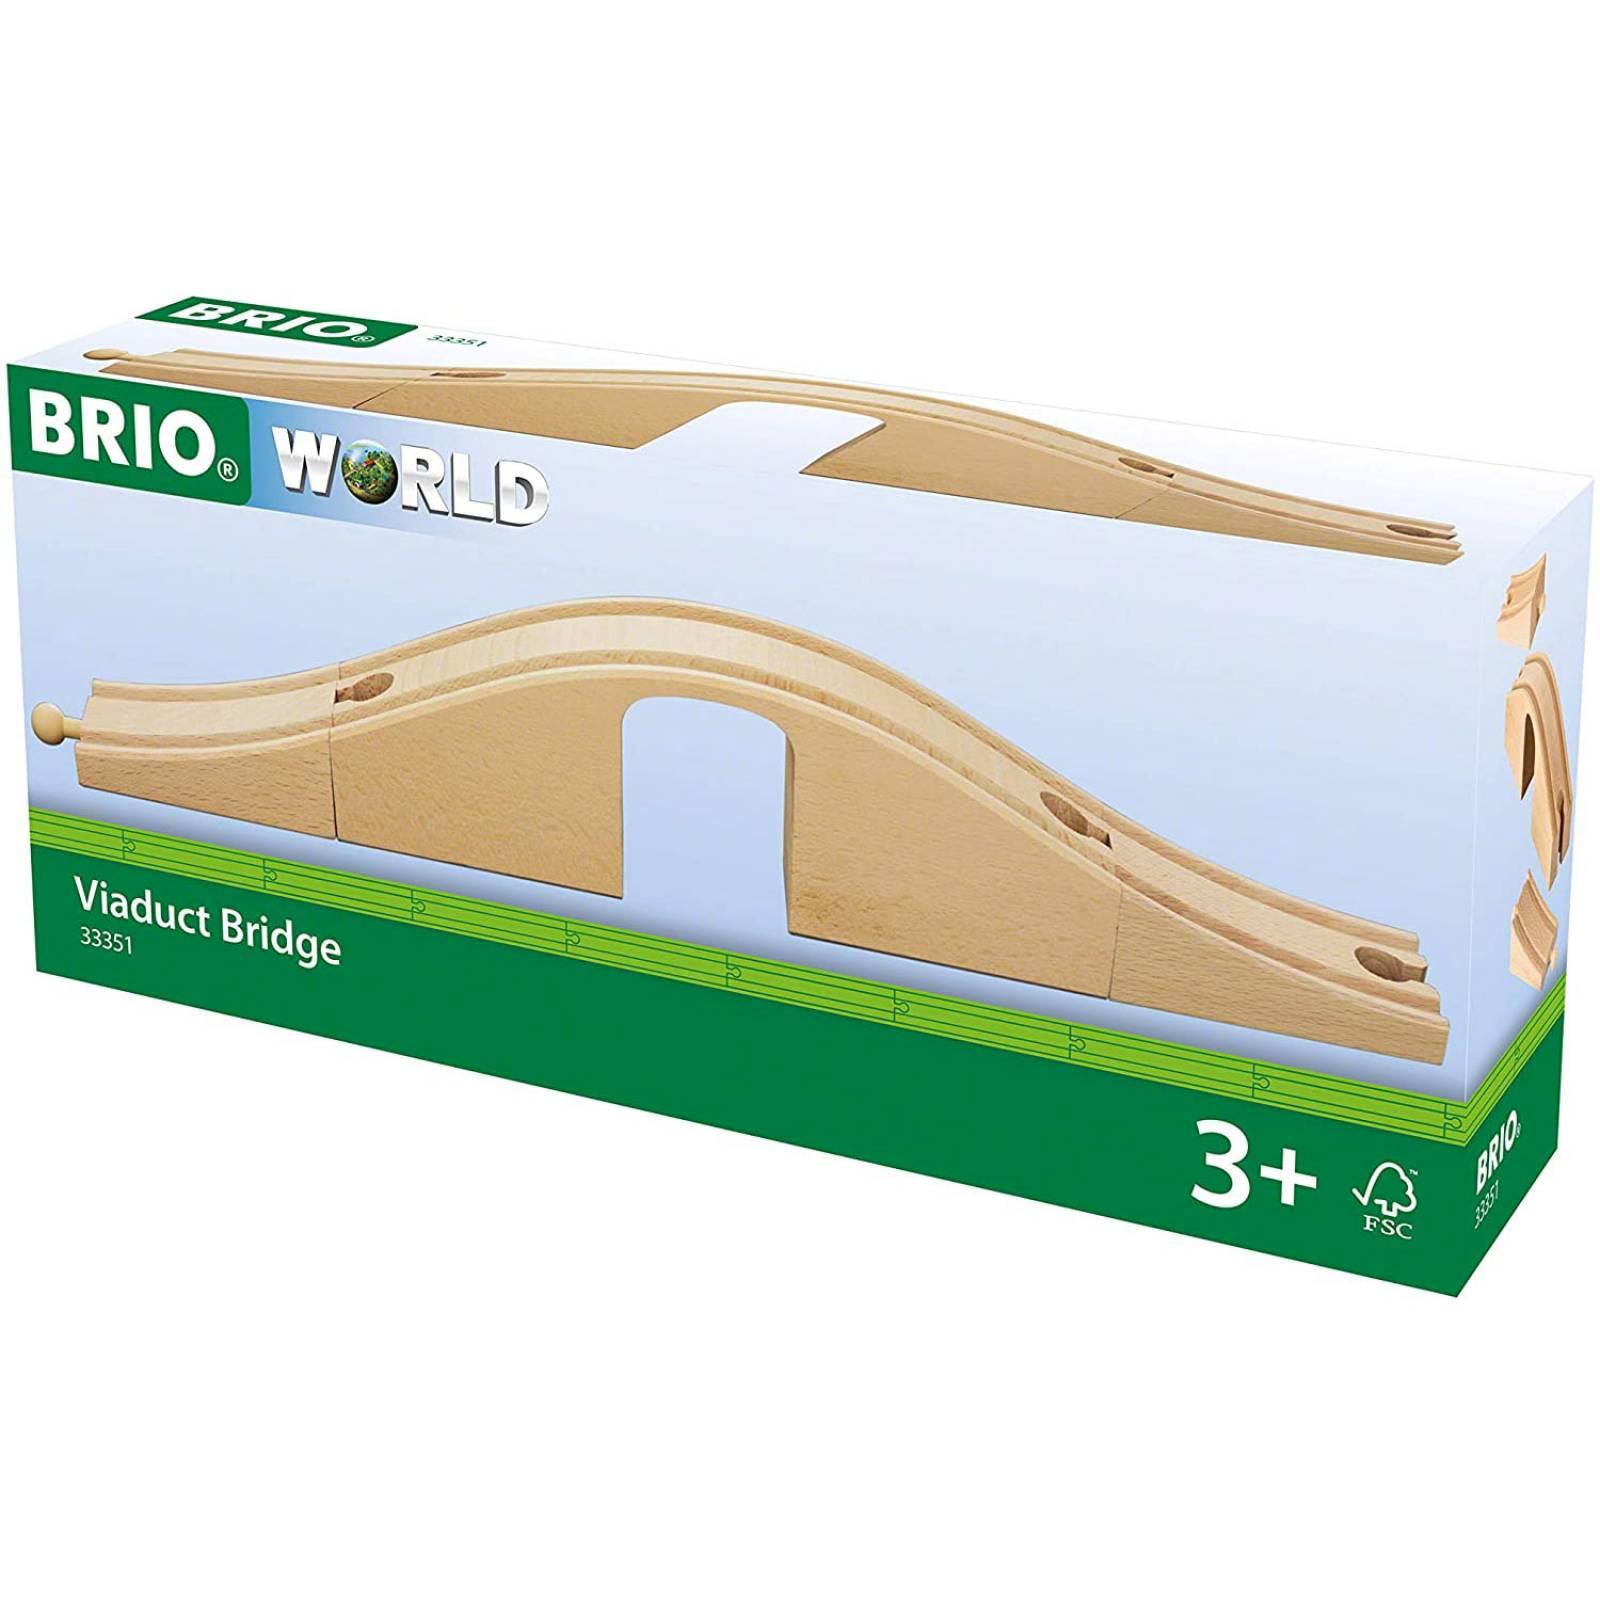 Viaduct Bridge BRIO Wooden Railway Age 3+